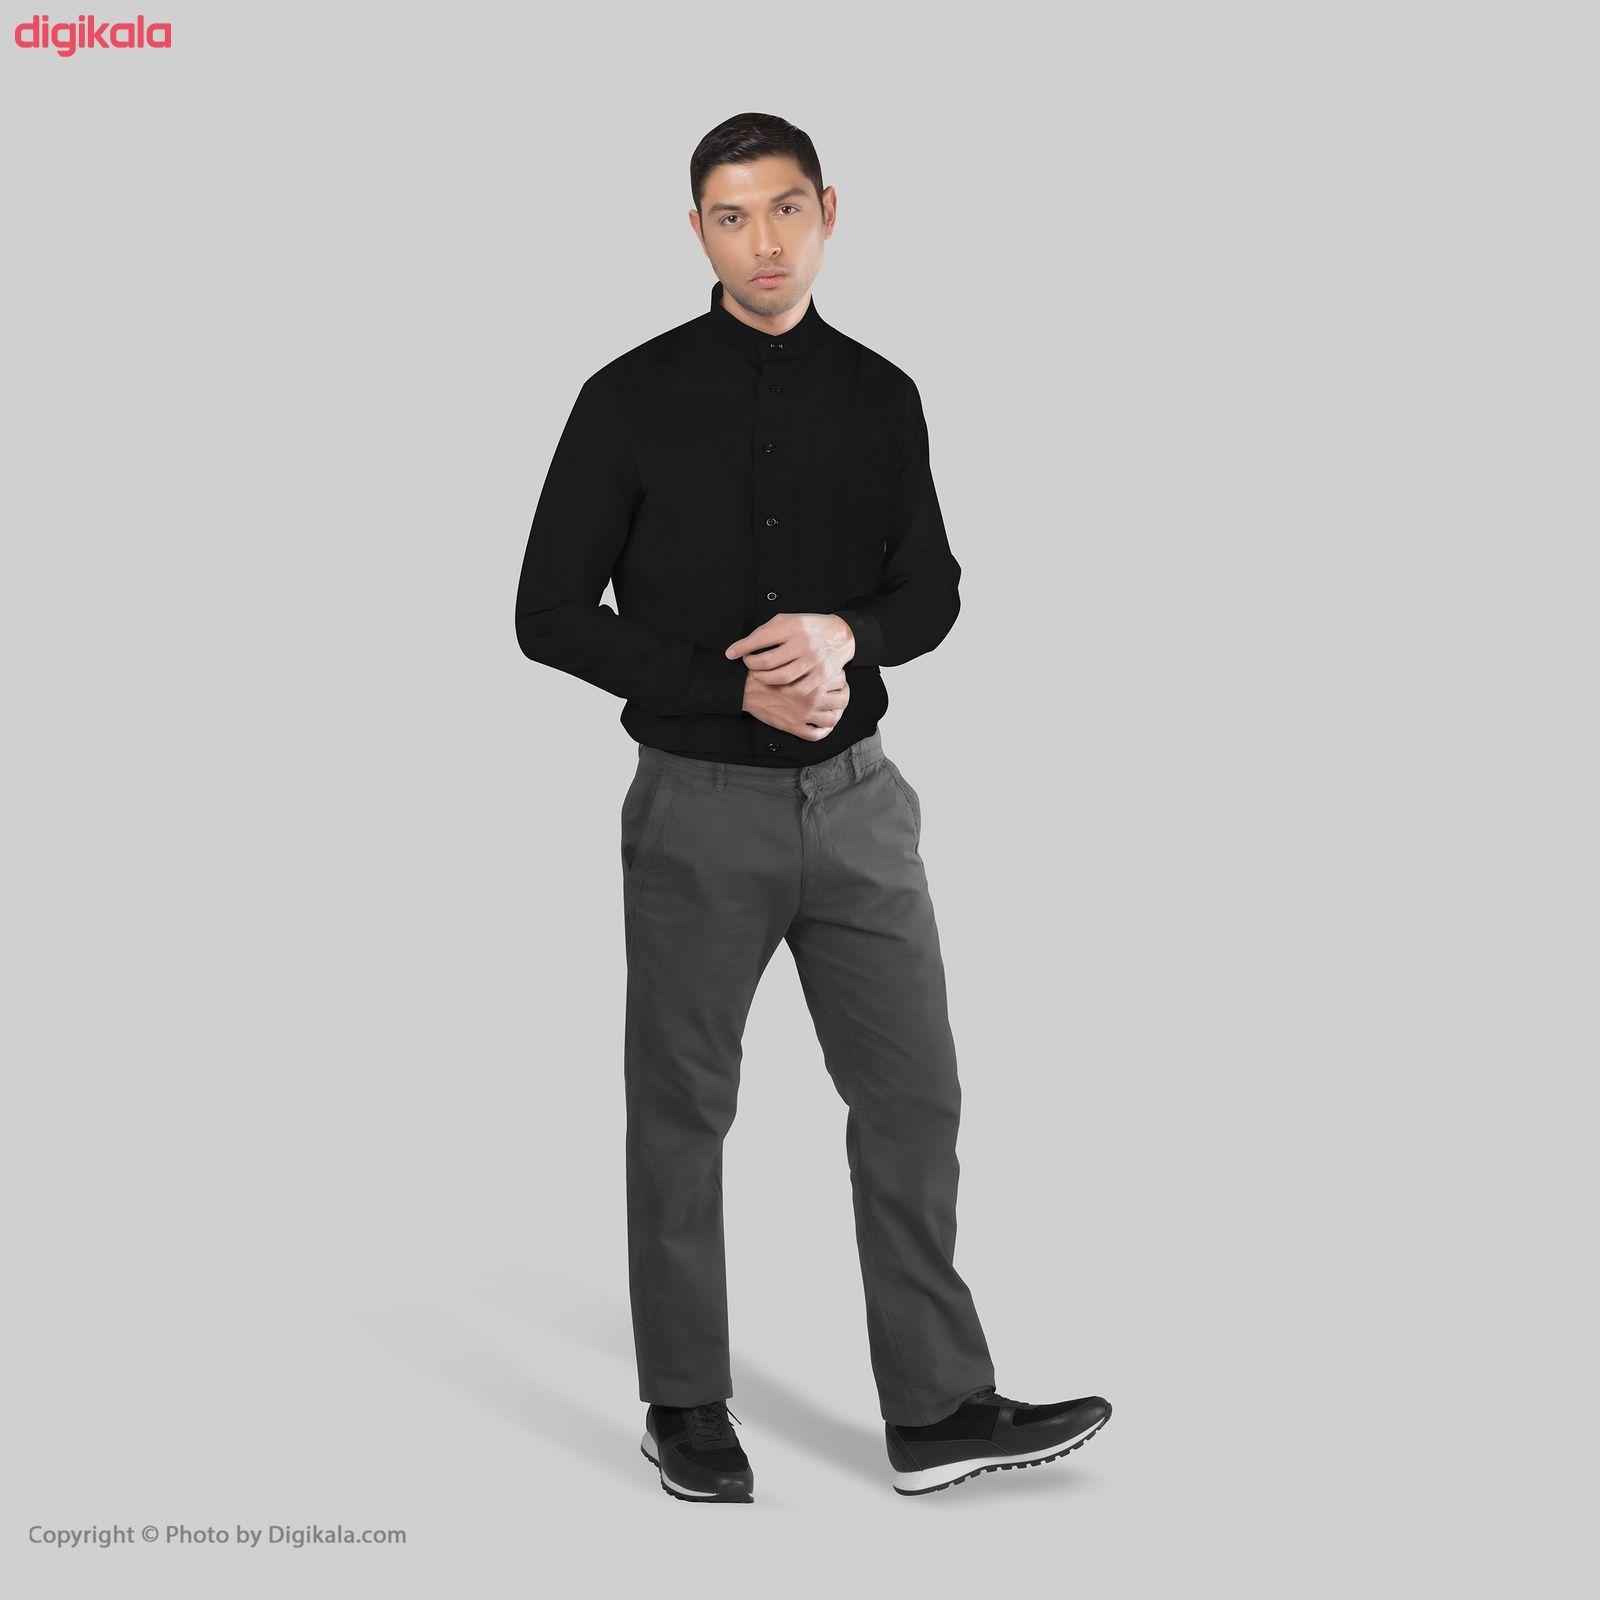 پیراهن مردانه ناوالس کد Tet-D-BK main 1 1